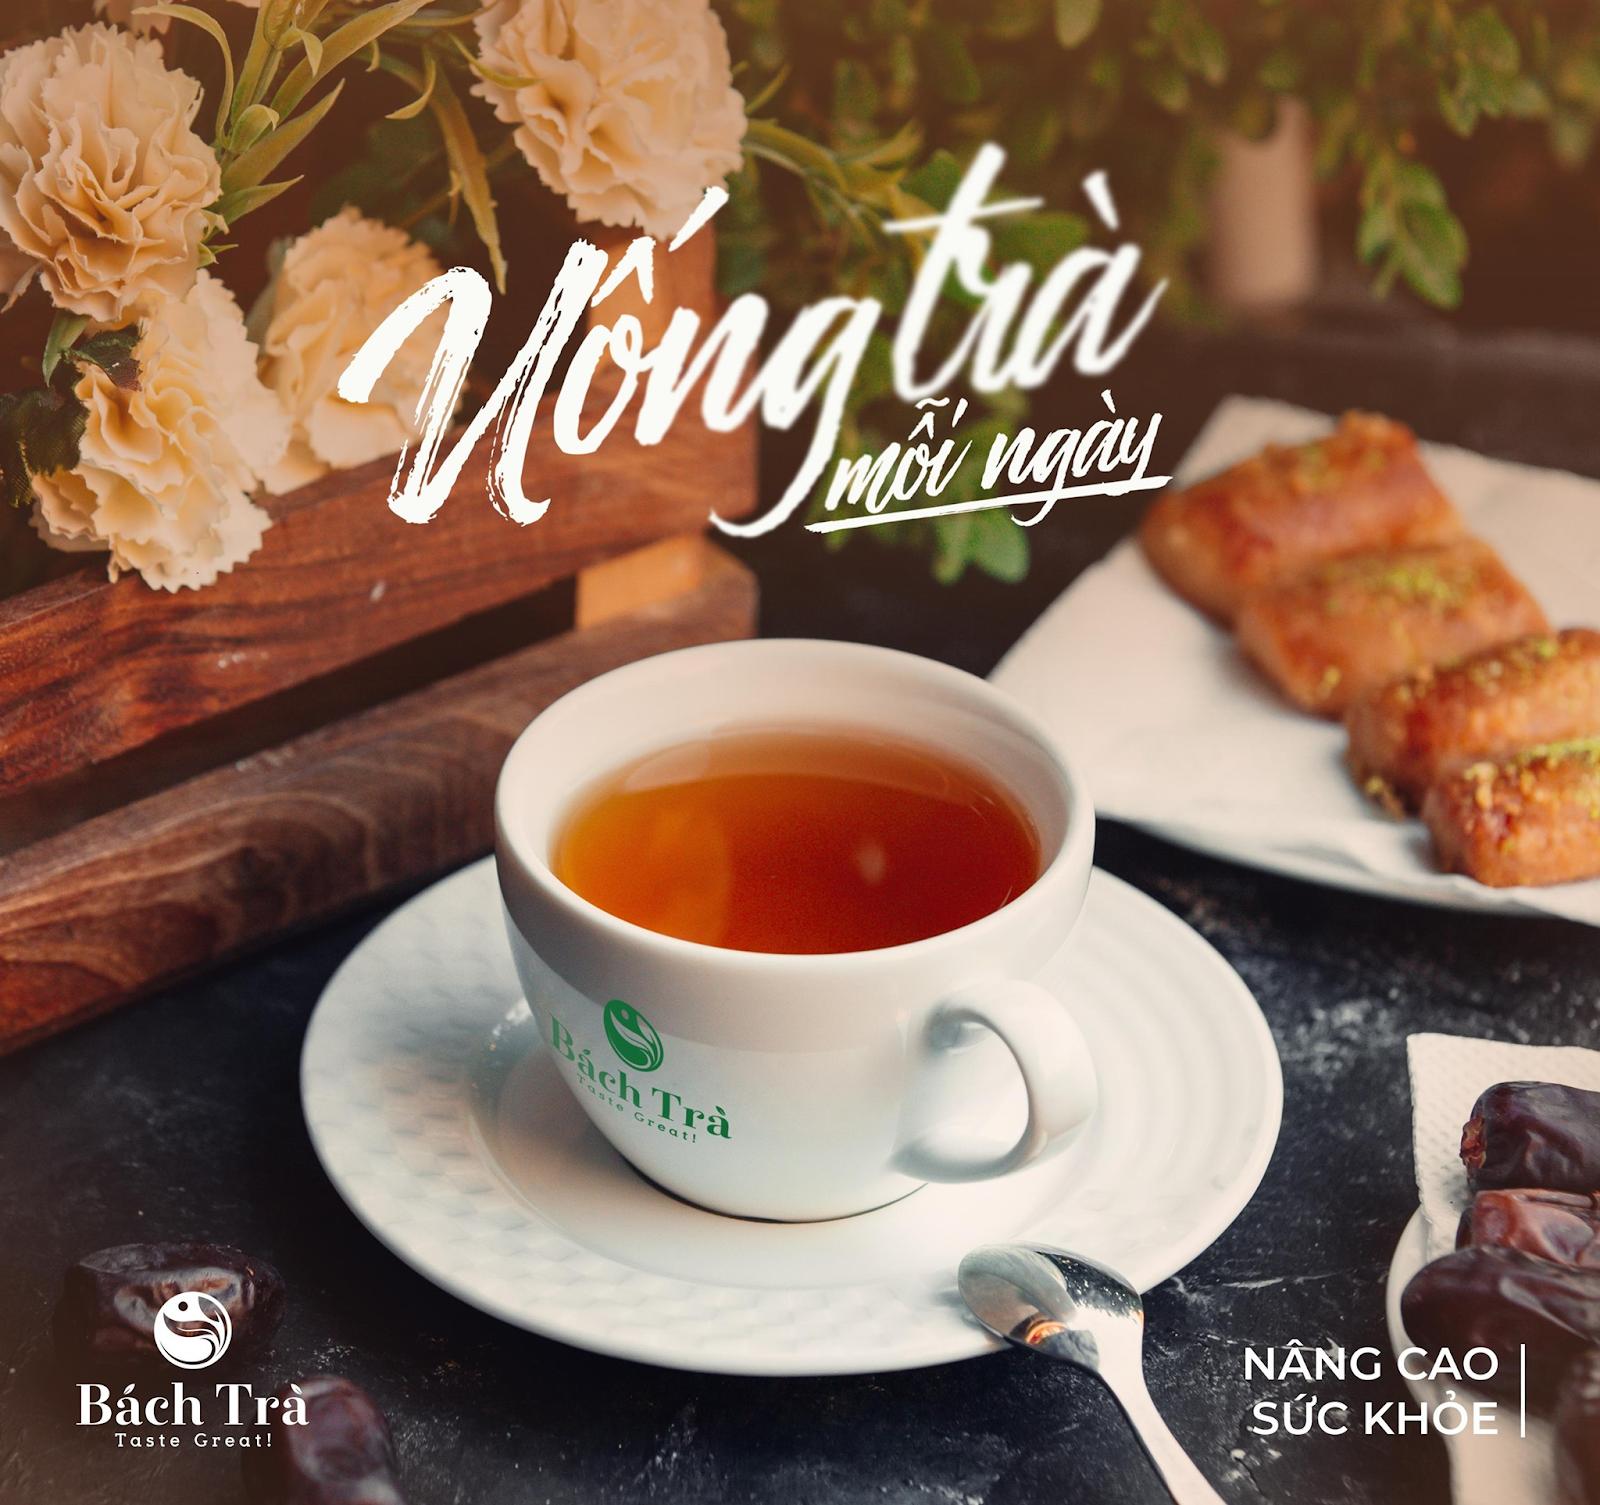 (Uống trà hàng ngày rất có lợi cho sức khỏe)